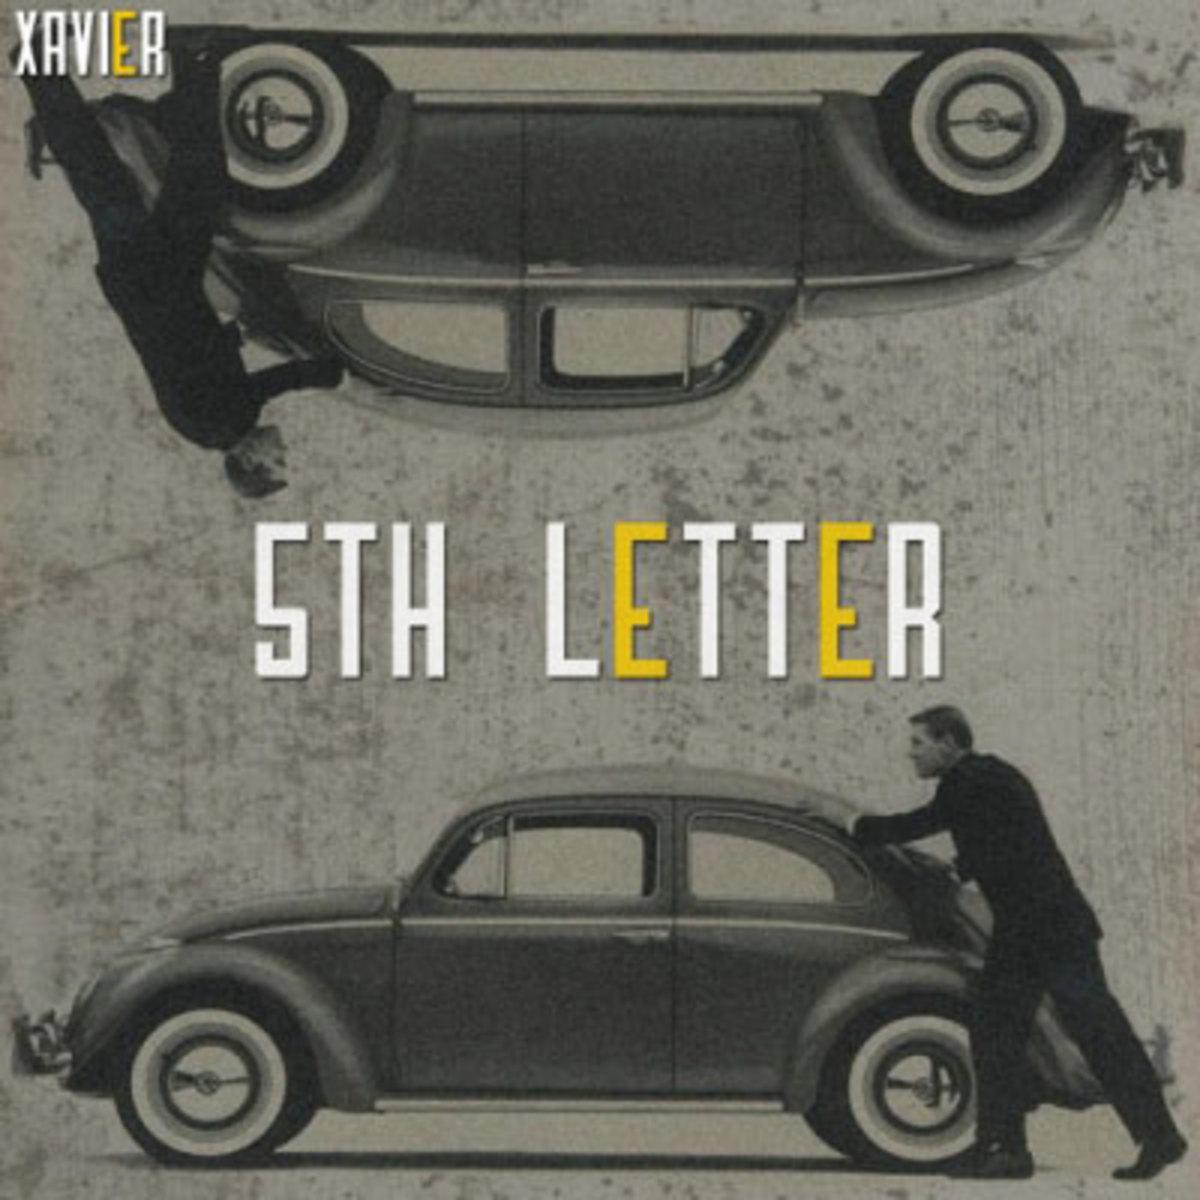 xavier-5th-letter.jpg